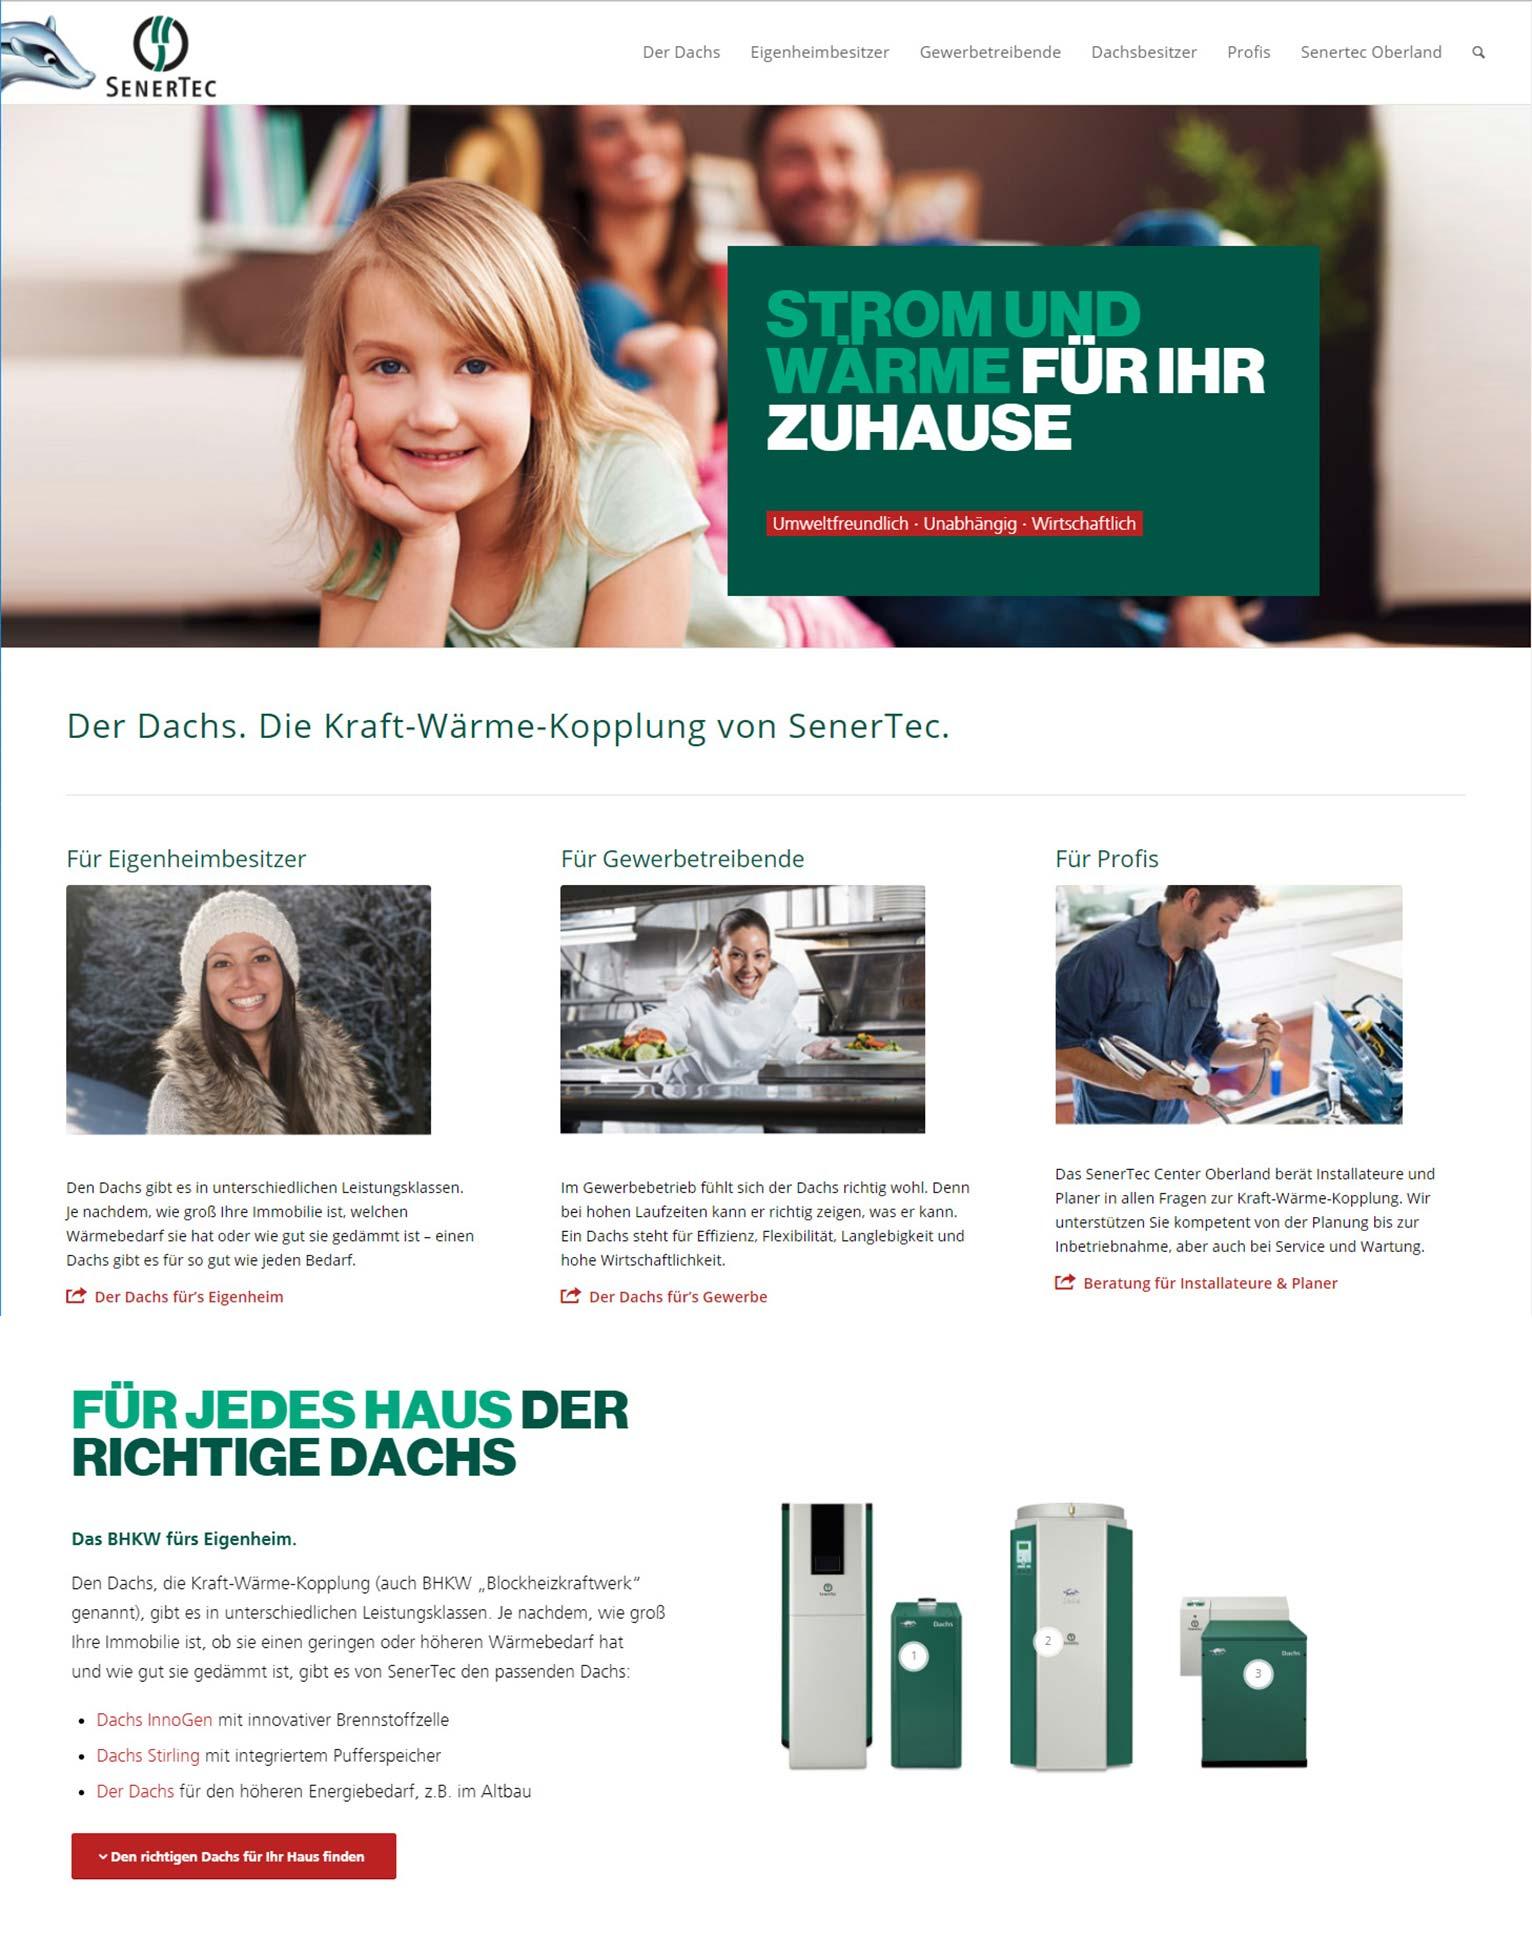 Webprojekt, Beratung, Luckypage, München, Agentur für Web, SEO, Digital Marketing, Komunikationsberatung, München